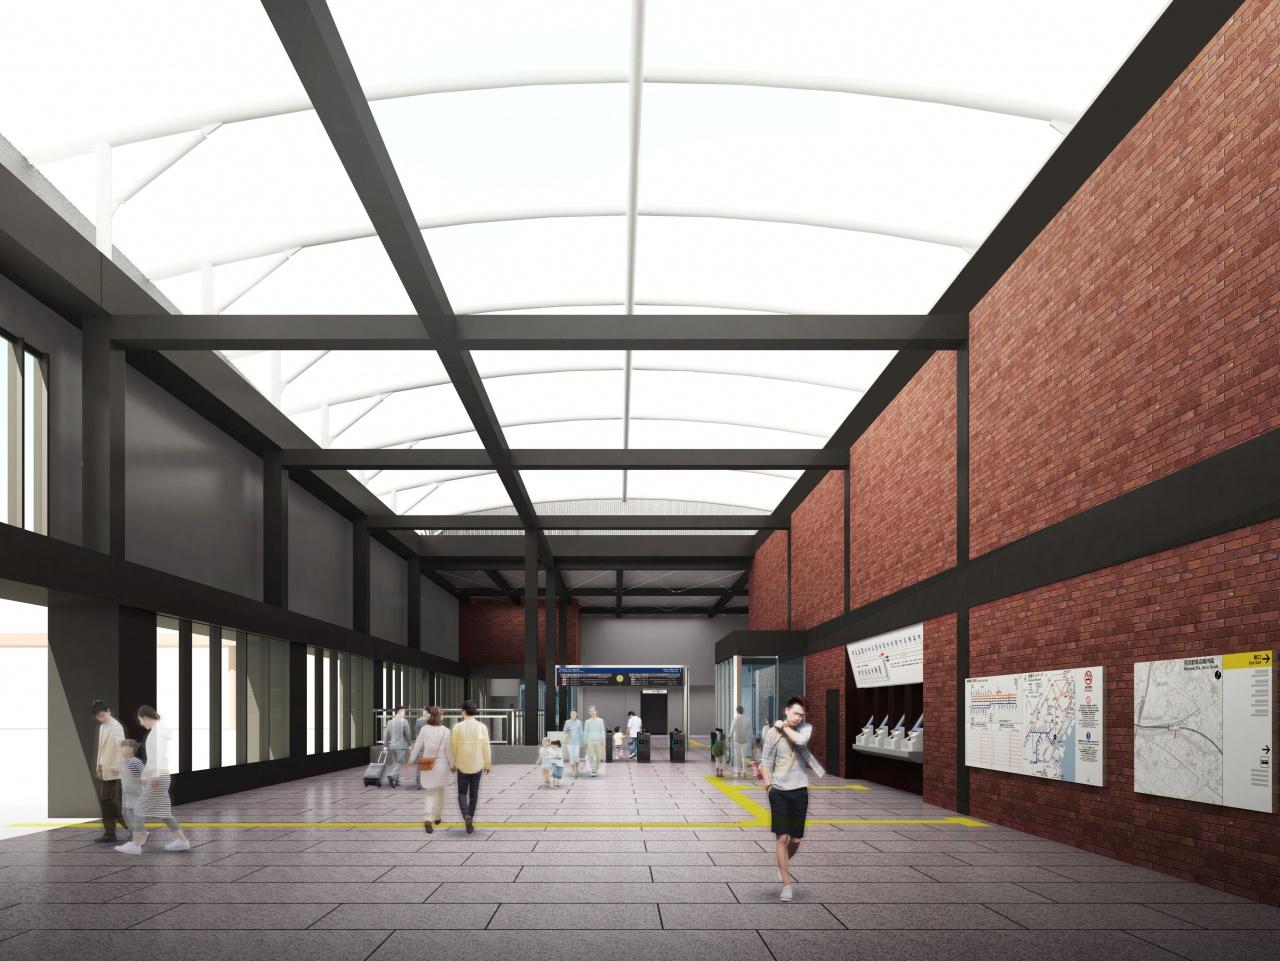 相鉄・JR直通線、新駅名称は「羽沢横浜国大」駅に